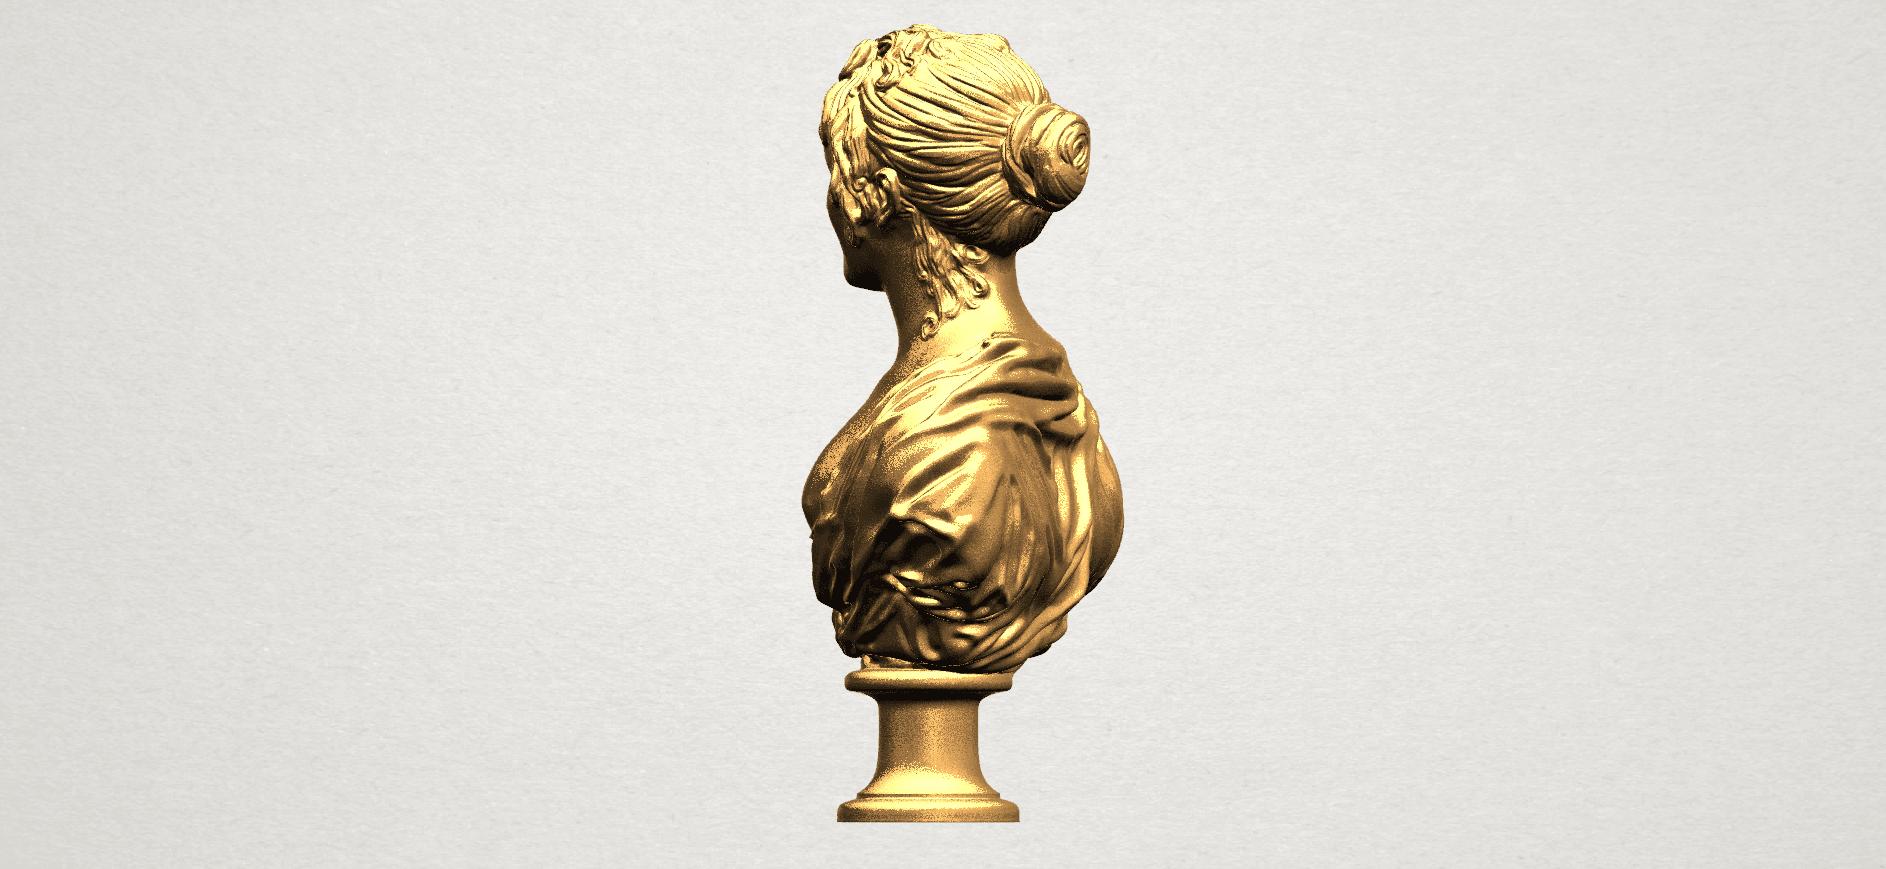 Bust of a girl 01 A03.png Télécharger fichier STL gratuit Buste d'une fille 01 • Modèle à imprimer en 3D, GeorgesNikkei